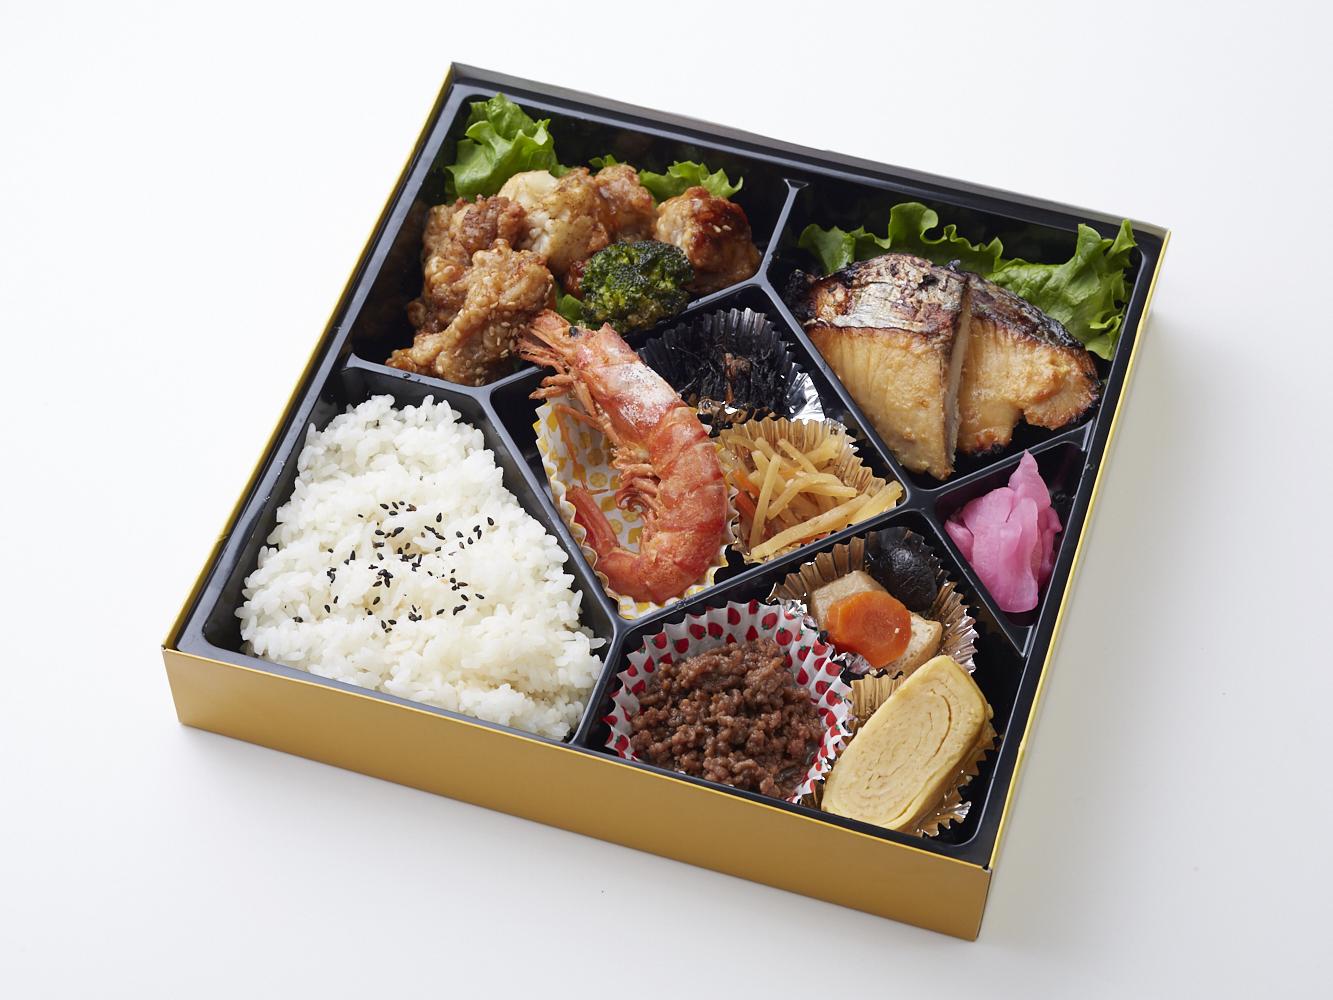 匠の大山鶏と季節野菜のカラーゲ&選べる魚の西京焼き弁当